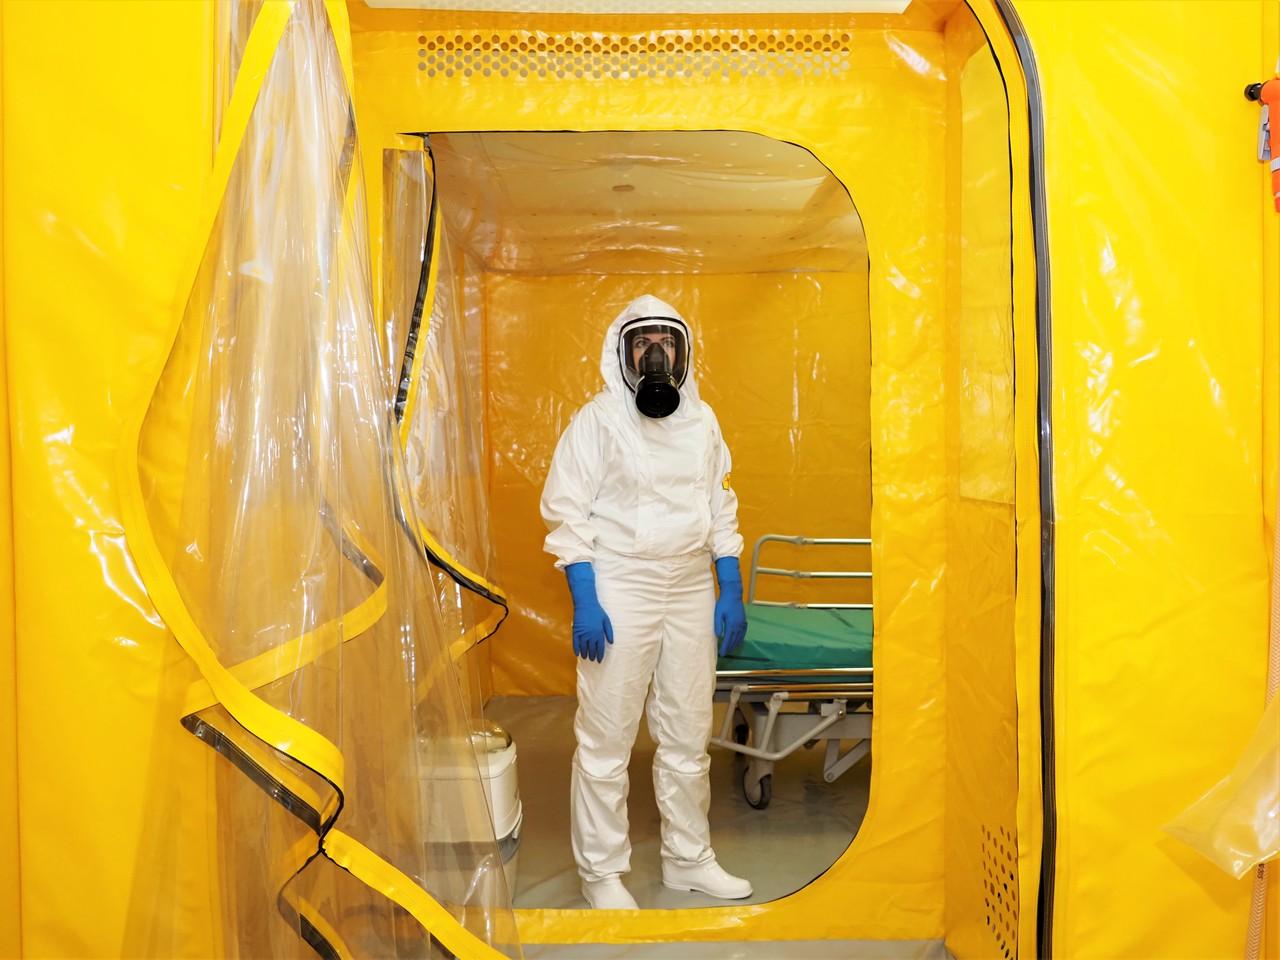 Почти 2,9 тысячи случаев коронавируса выявили в Москве за сутки